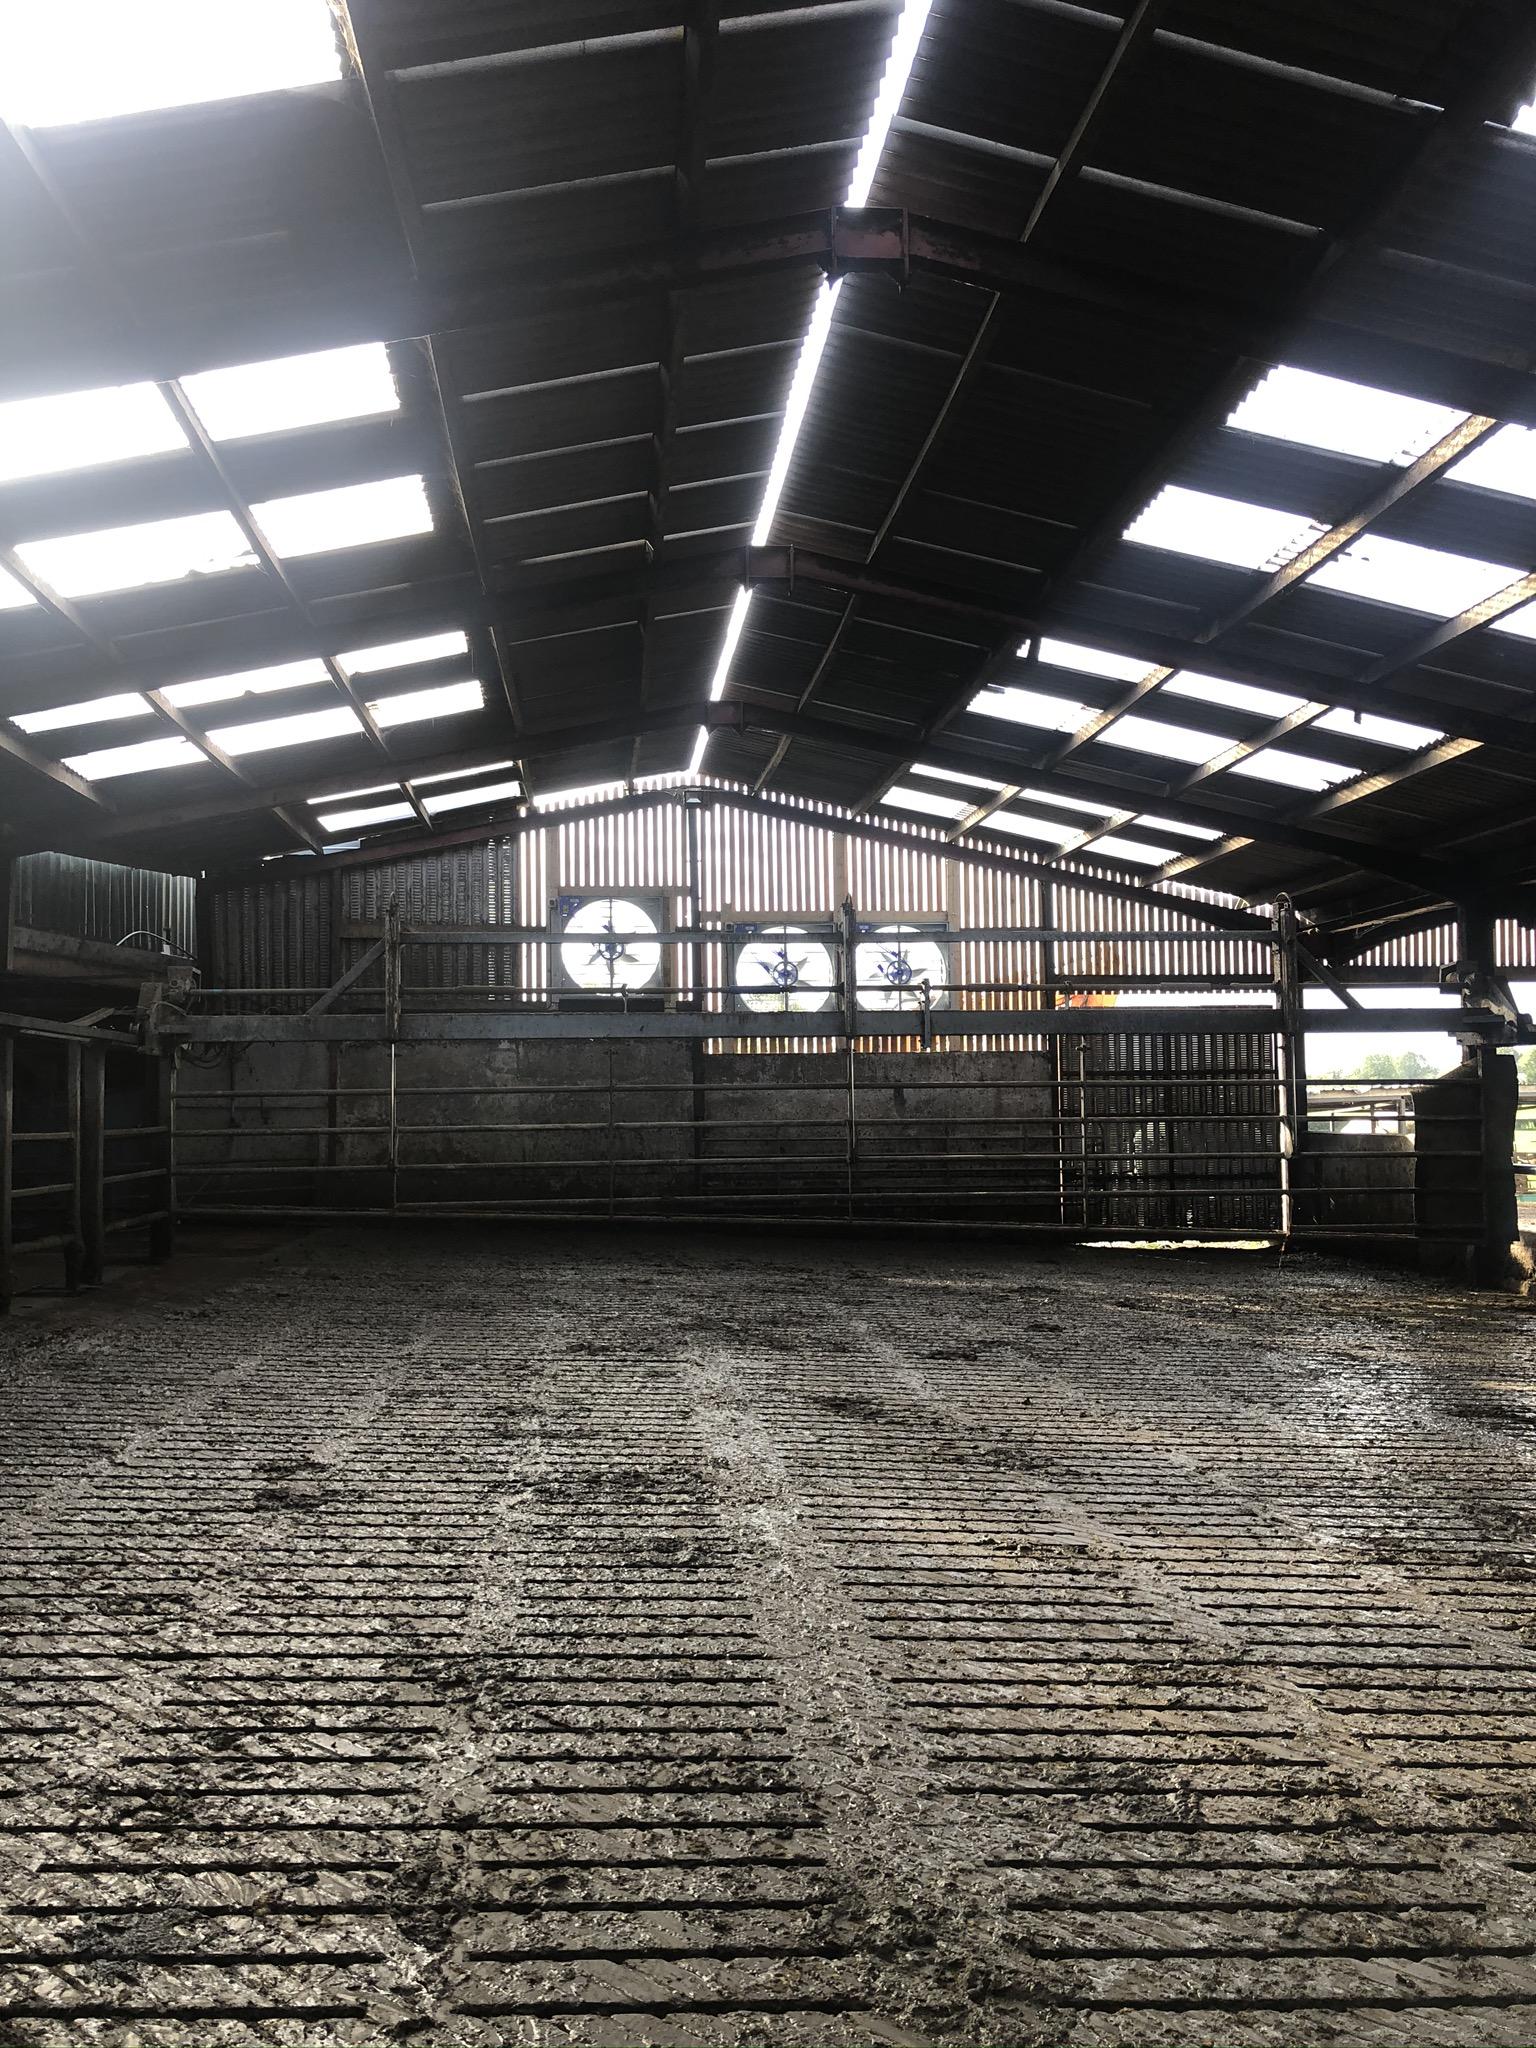 Cow shed ventiliation